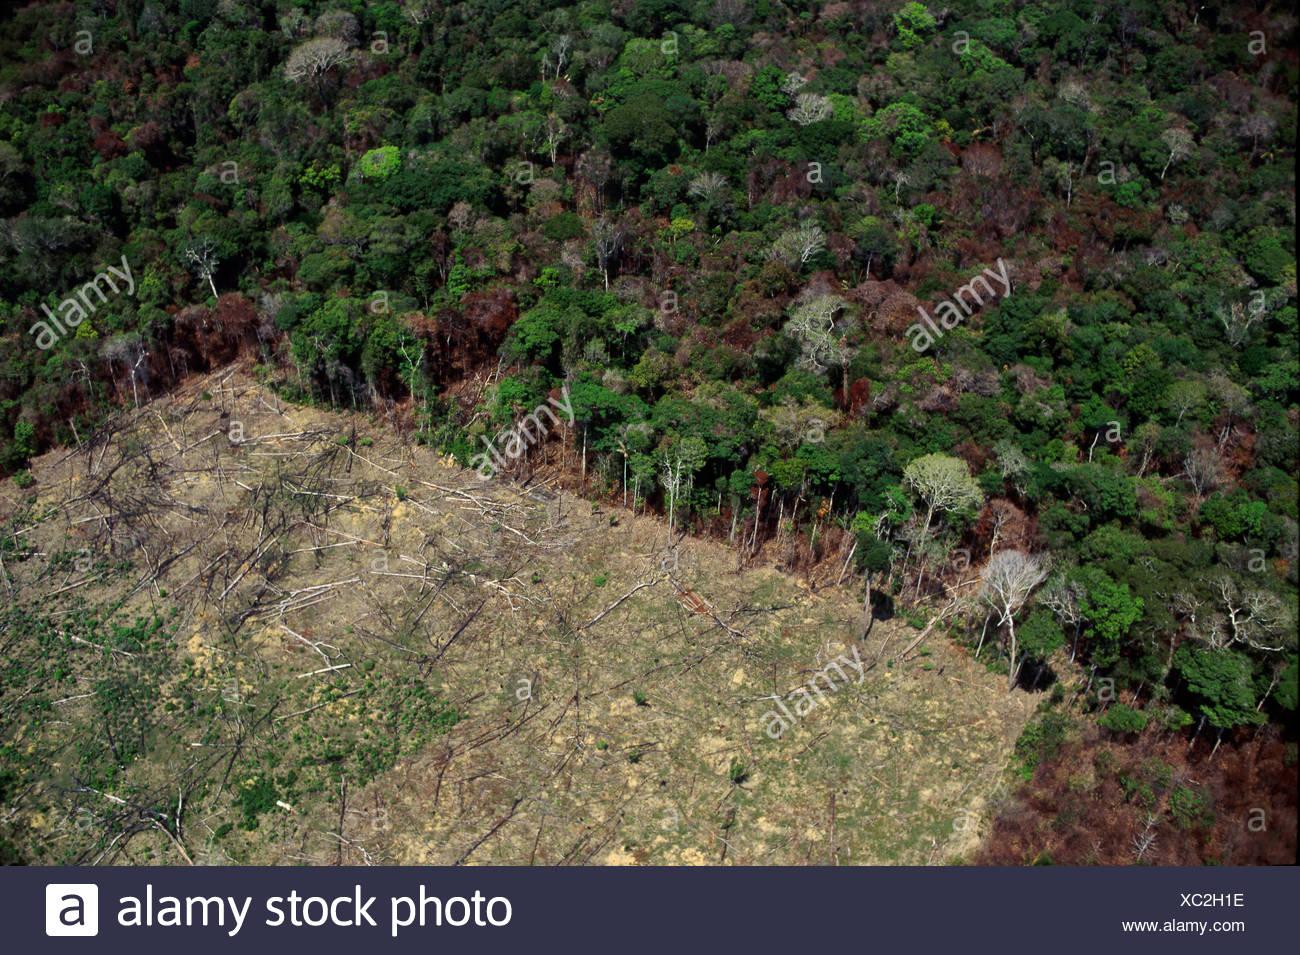 Vista aerea di disboscamento e deforestazione Amazon rain forest, Brasile. Immagini Stock